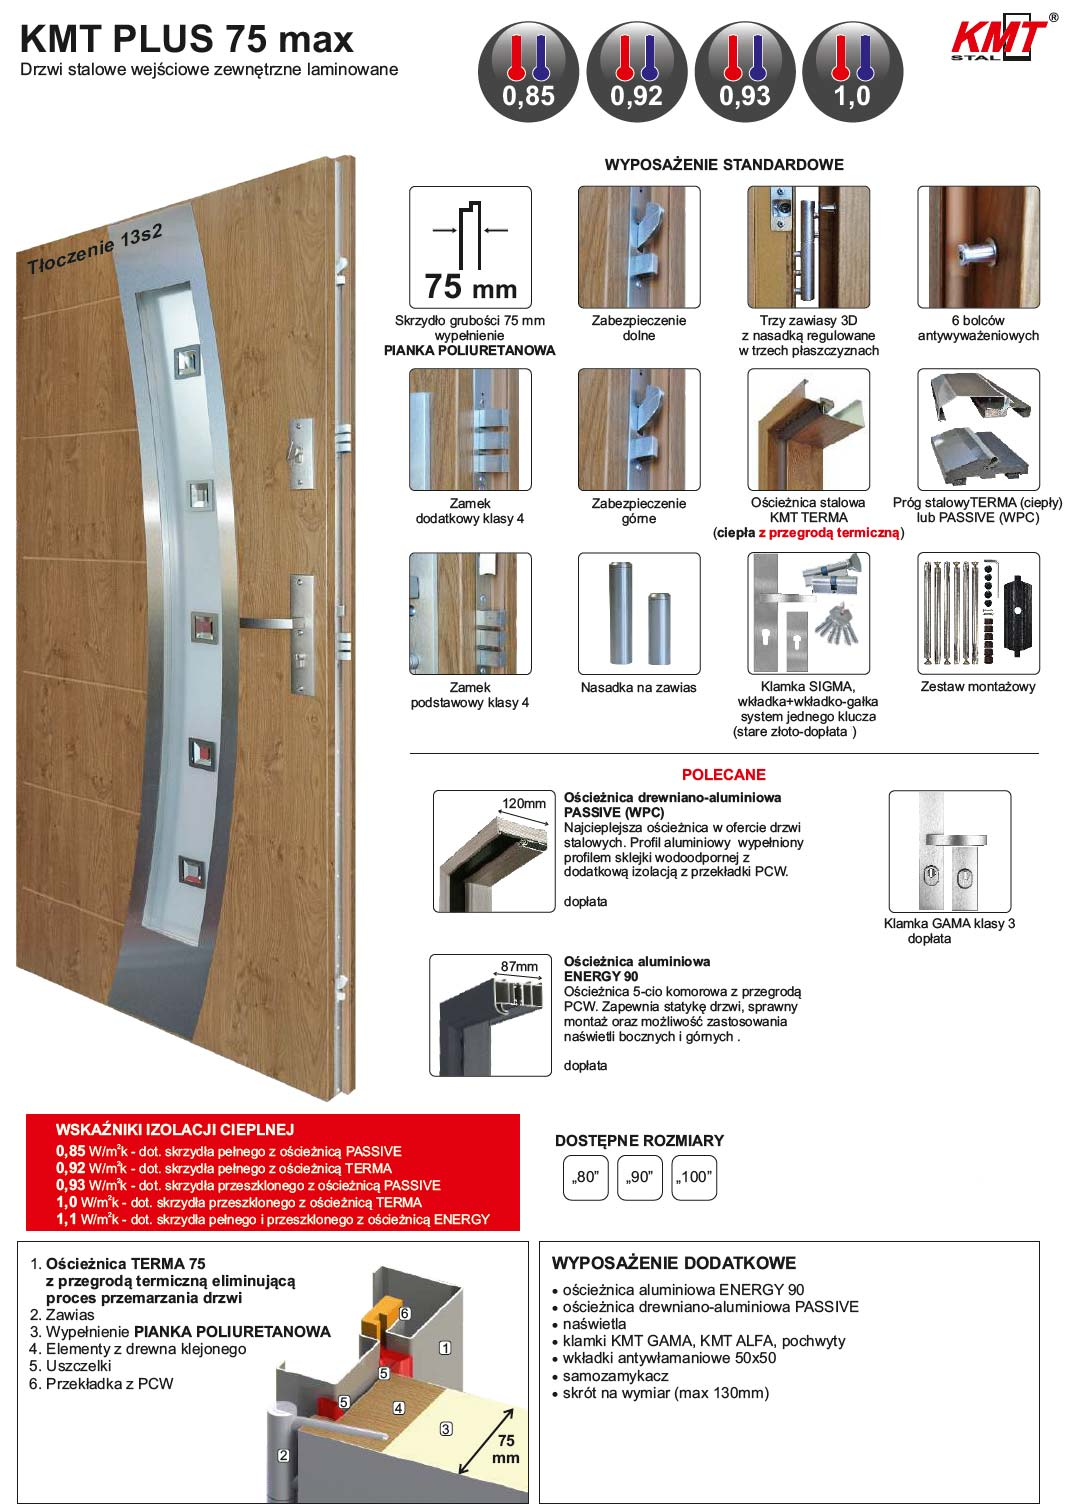 drzwi-kmt-plus-75max-zestaw